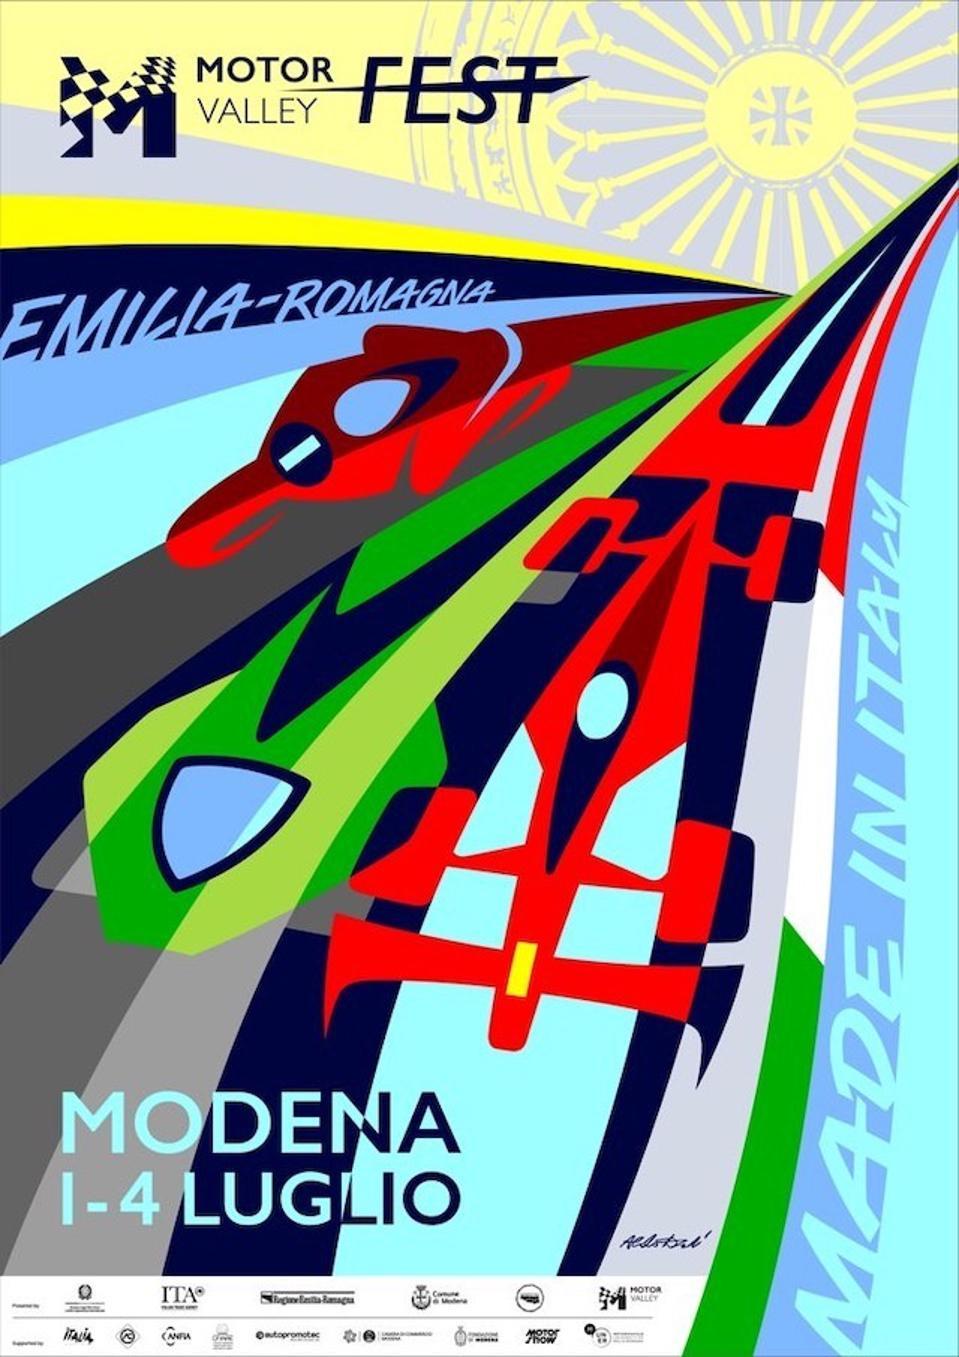 Official Motor Valley Fest poster designed by Aldo Drudi